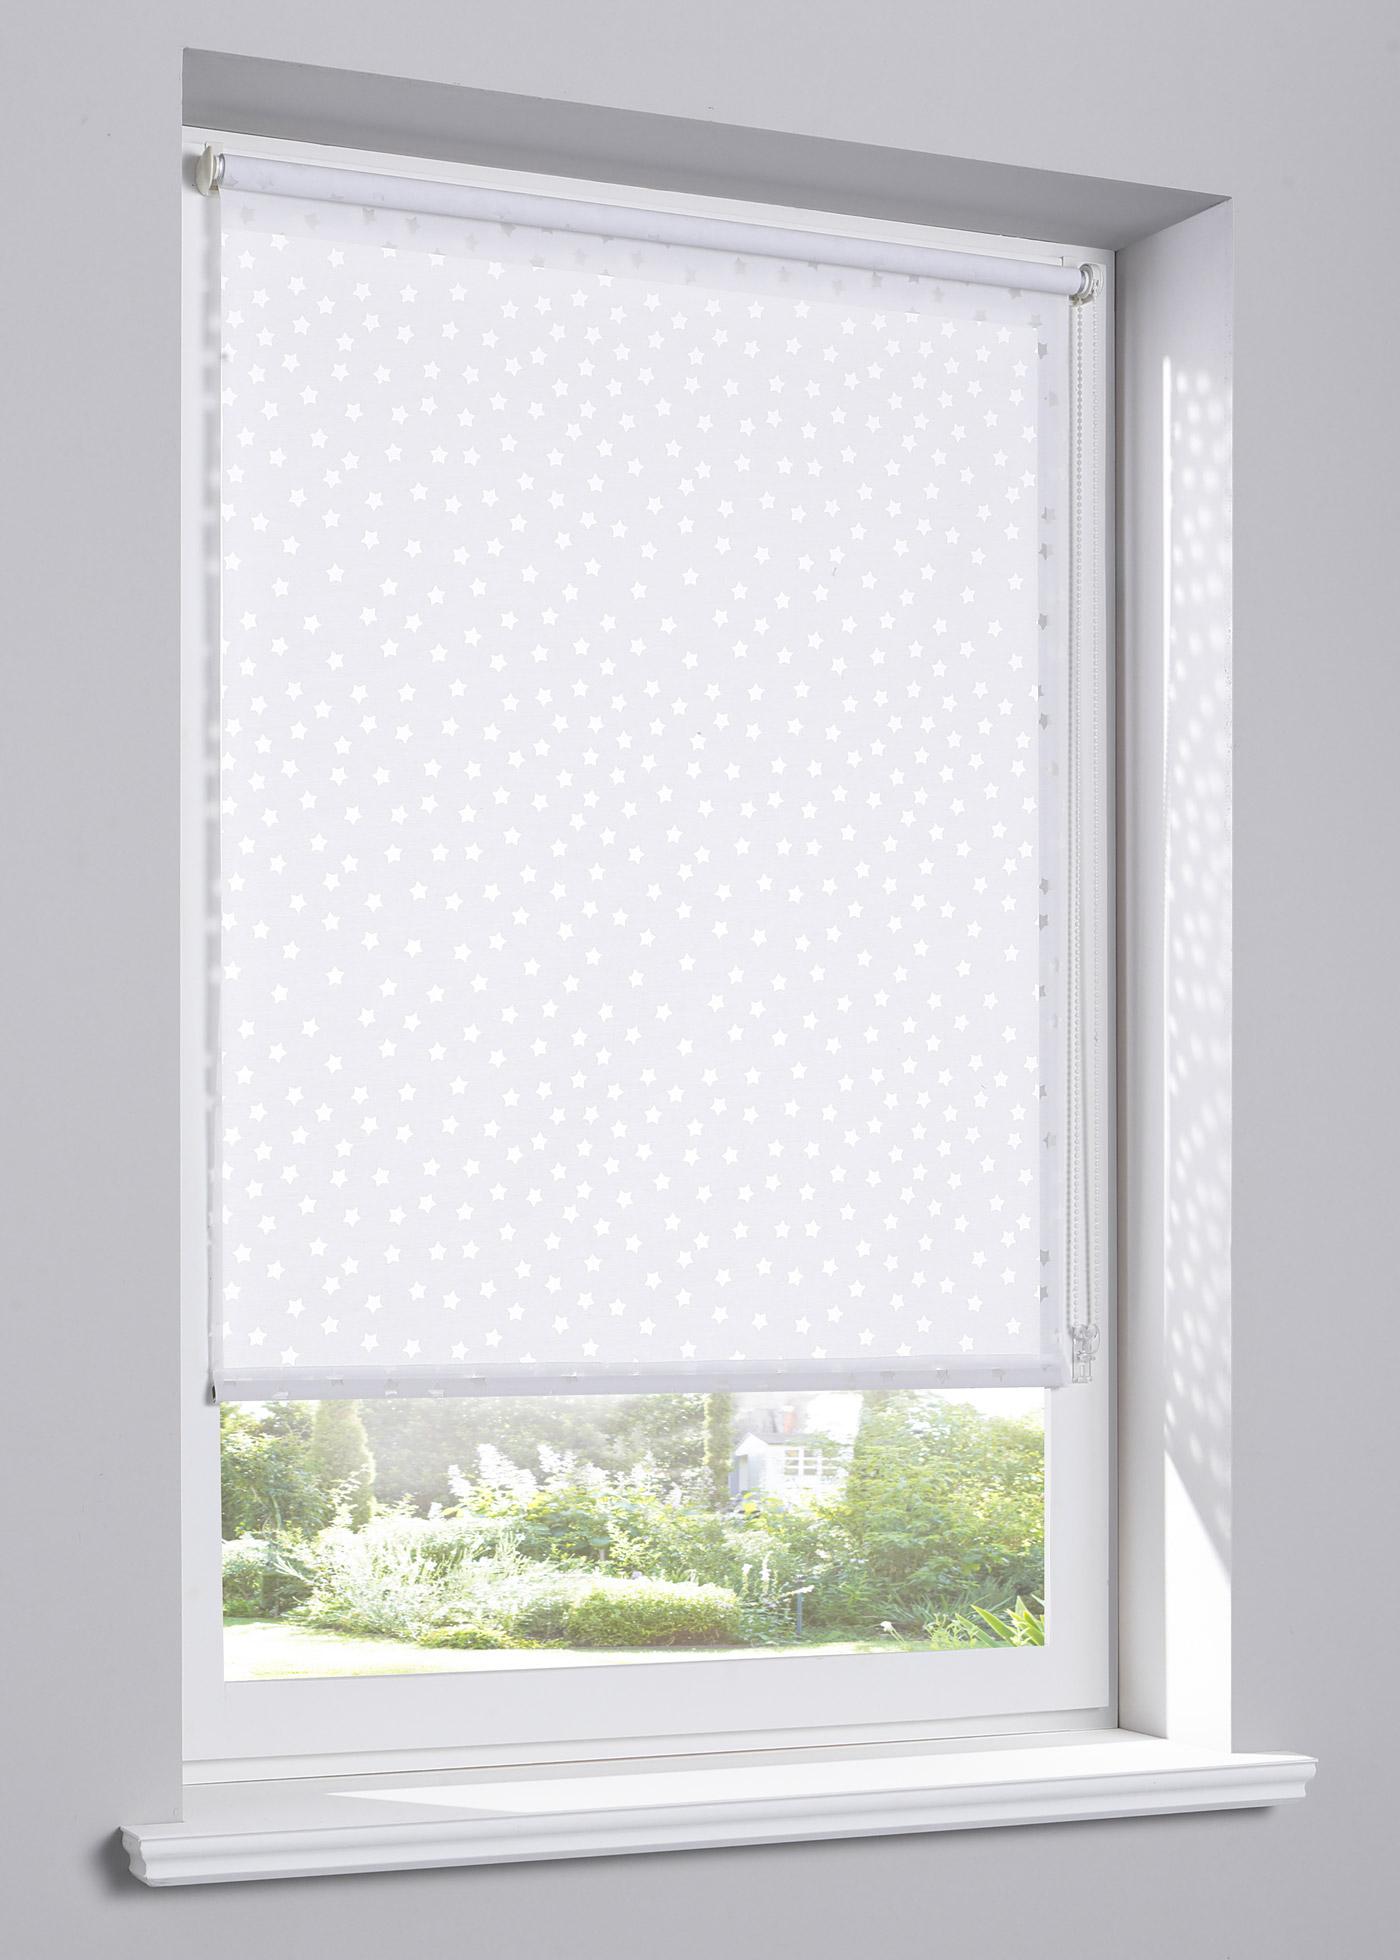 Store à clipser, coulisse latérale, avec motif dévoré, en tissu mélangé léger pour protéger légèrement de la lumière et des regards extérieurs, pose facile - sans perçage ni vissage - se clipse directement sur le cadre de la fenêtre, convient pour un châs